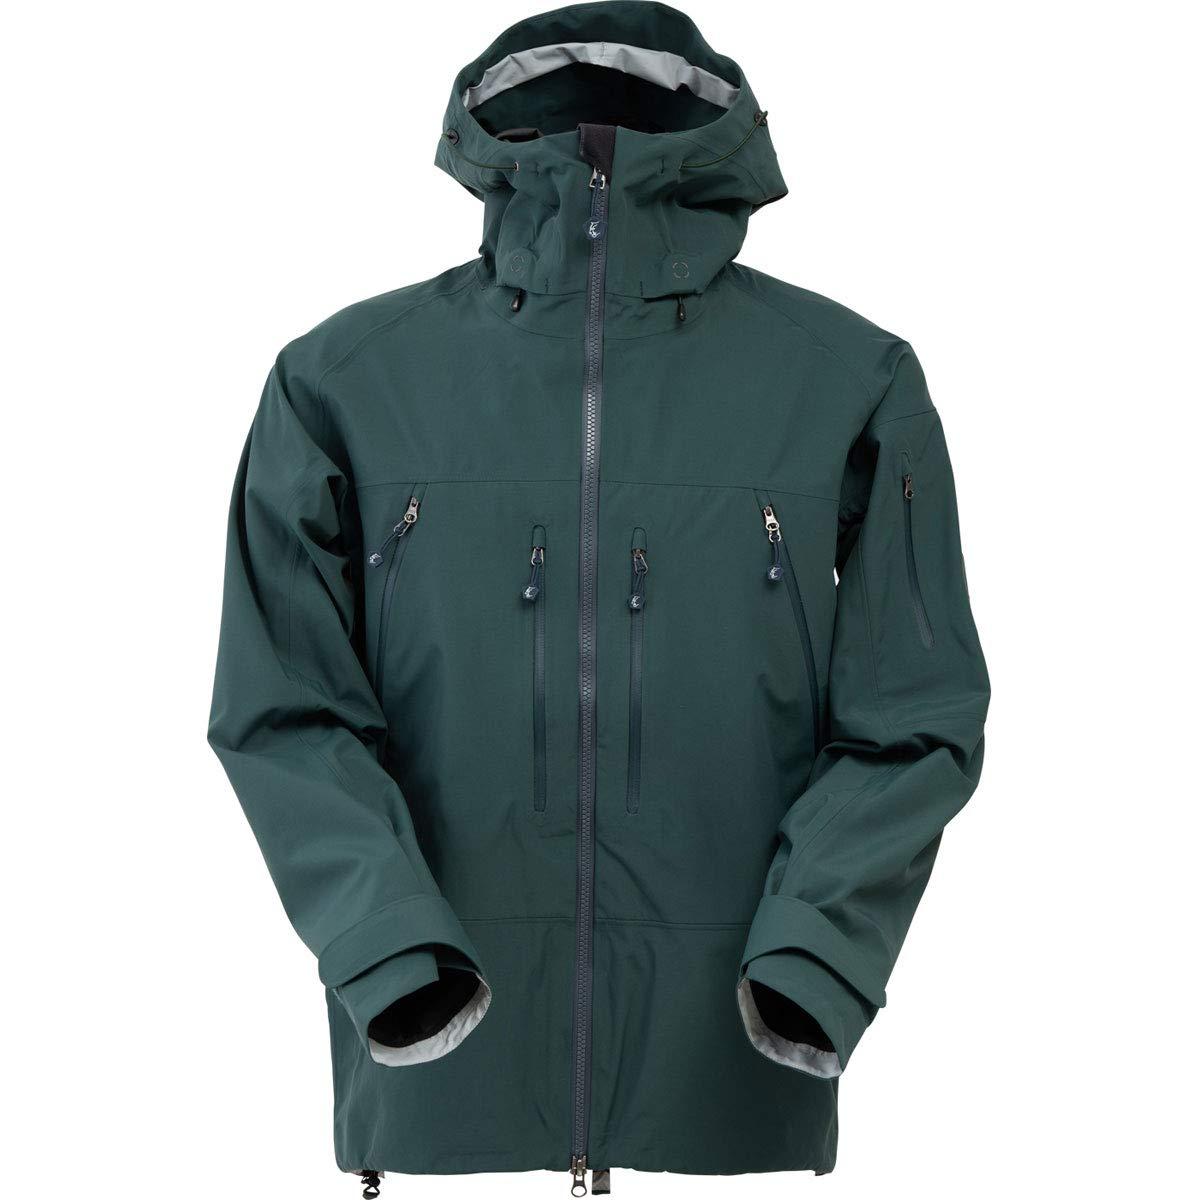 ティートンブロスのジャケットおすすめ6選!TBジャケットも